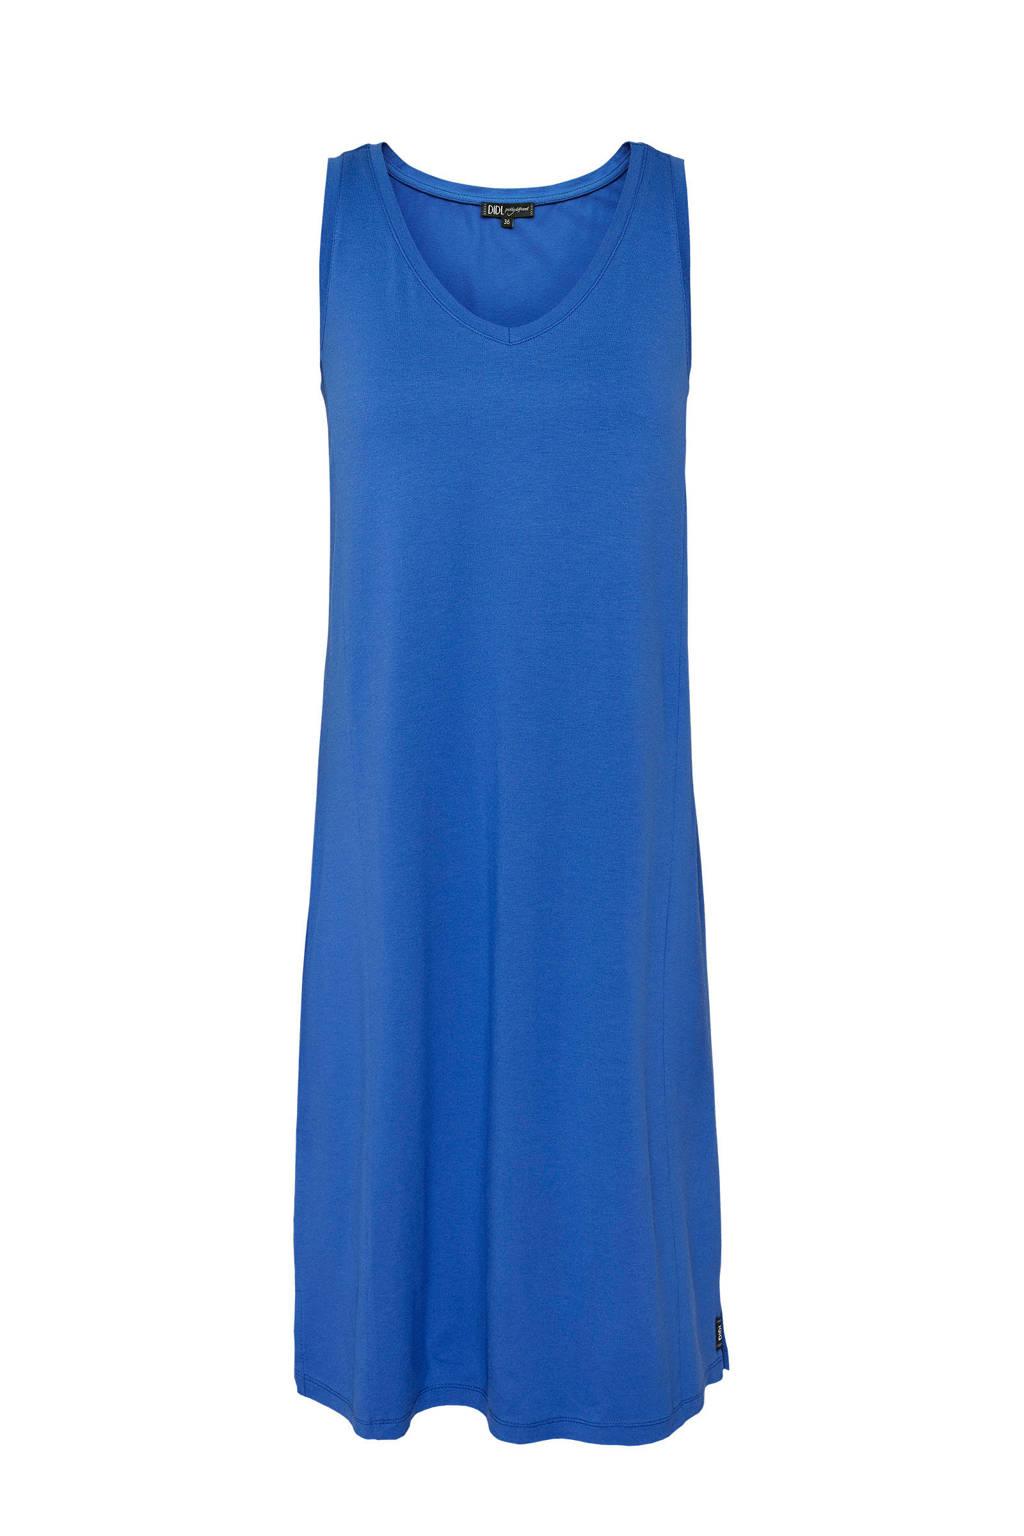 Didi jurk met V-hals blauw, Blauw